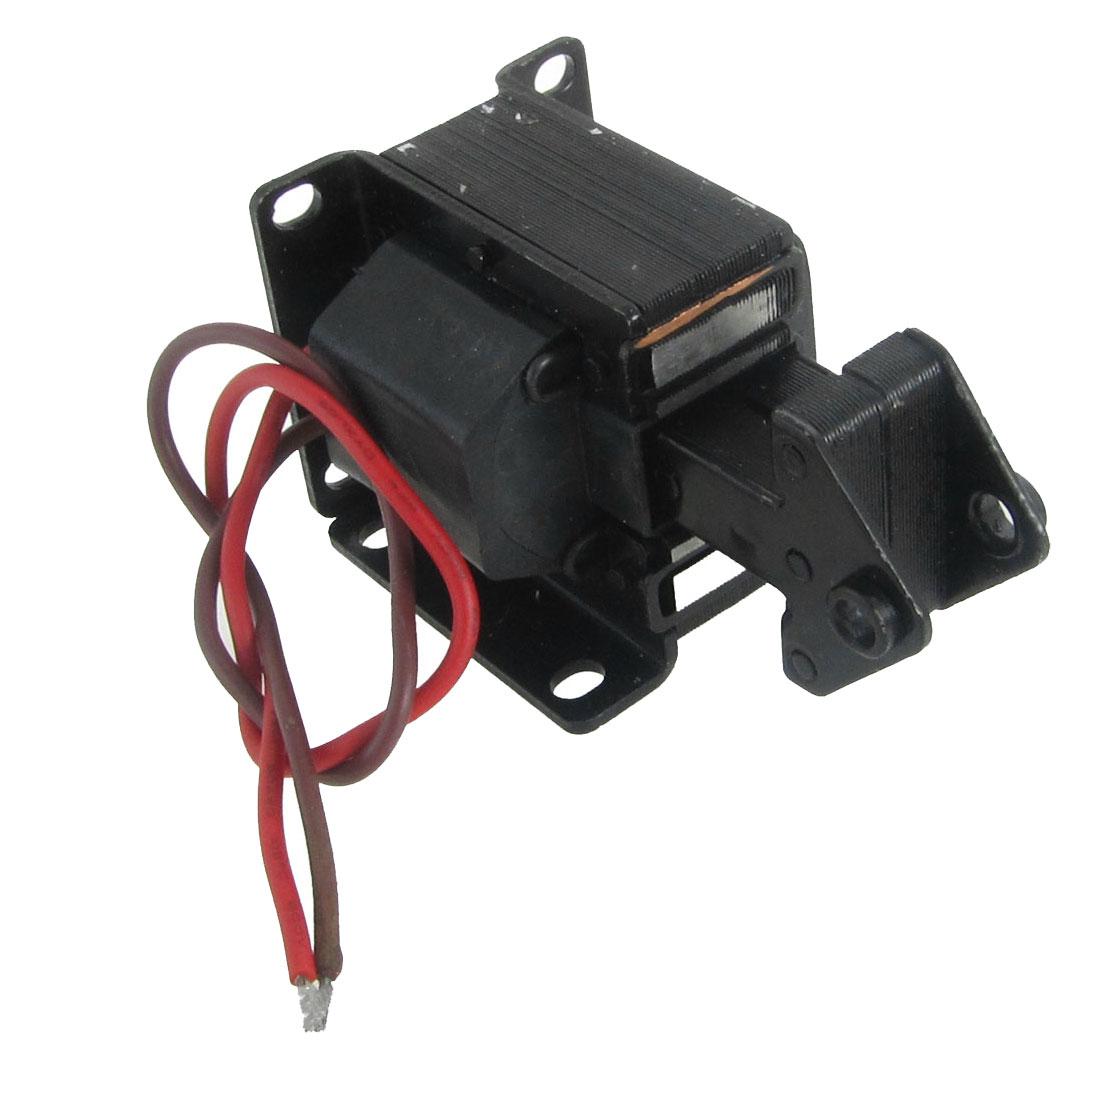 AC 220V Stroke 15mm Lift 1.0Kg Tractive Solenoid Electromagnet SA-2402